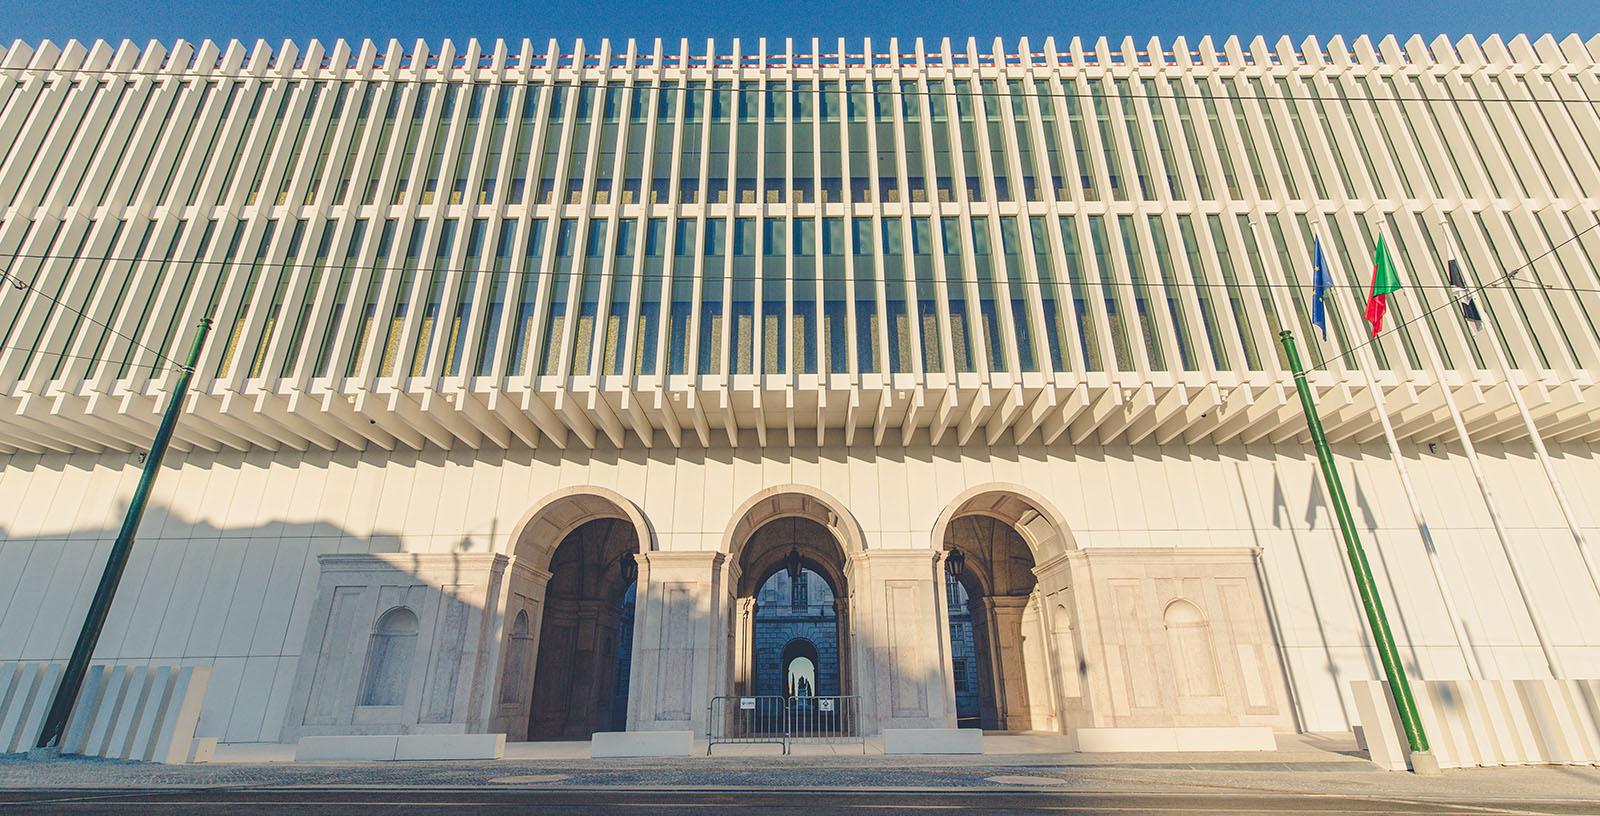 Inauguración del nuevo Ala Oeste del Palacio de Ajuda en Lisboa